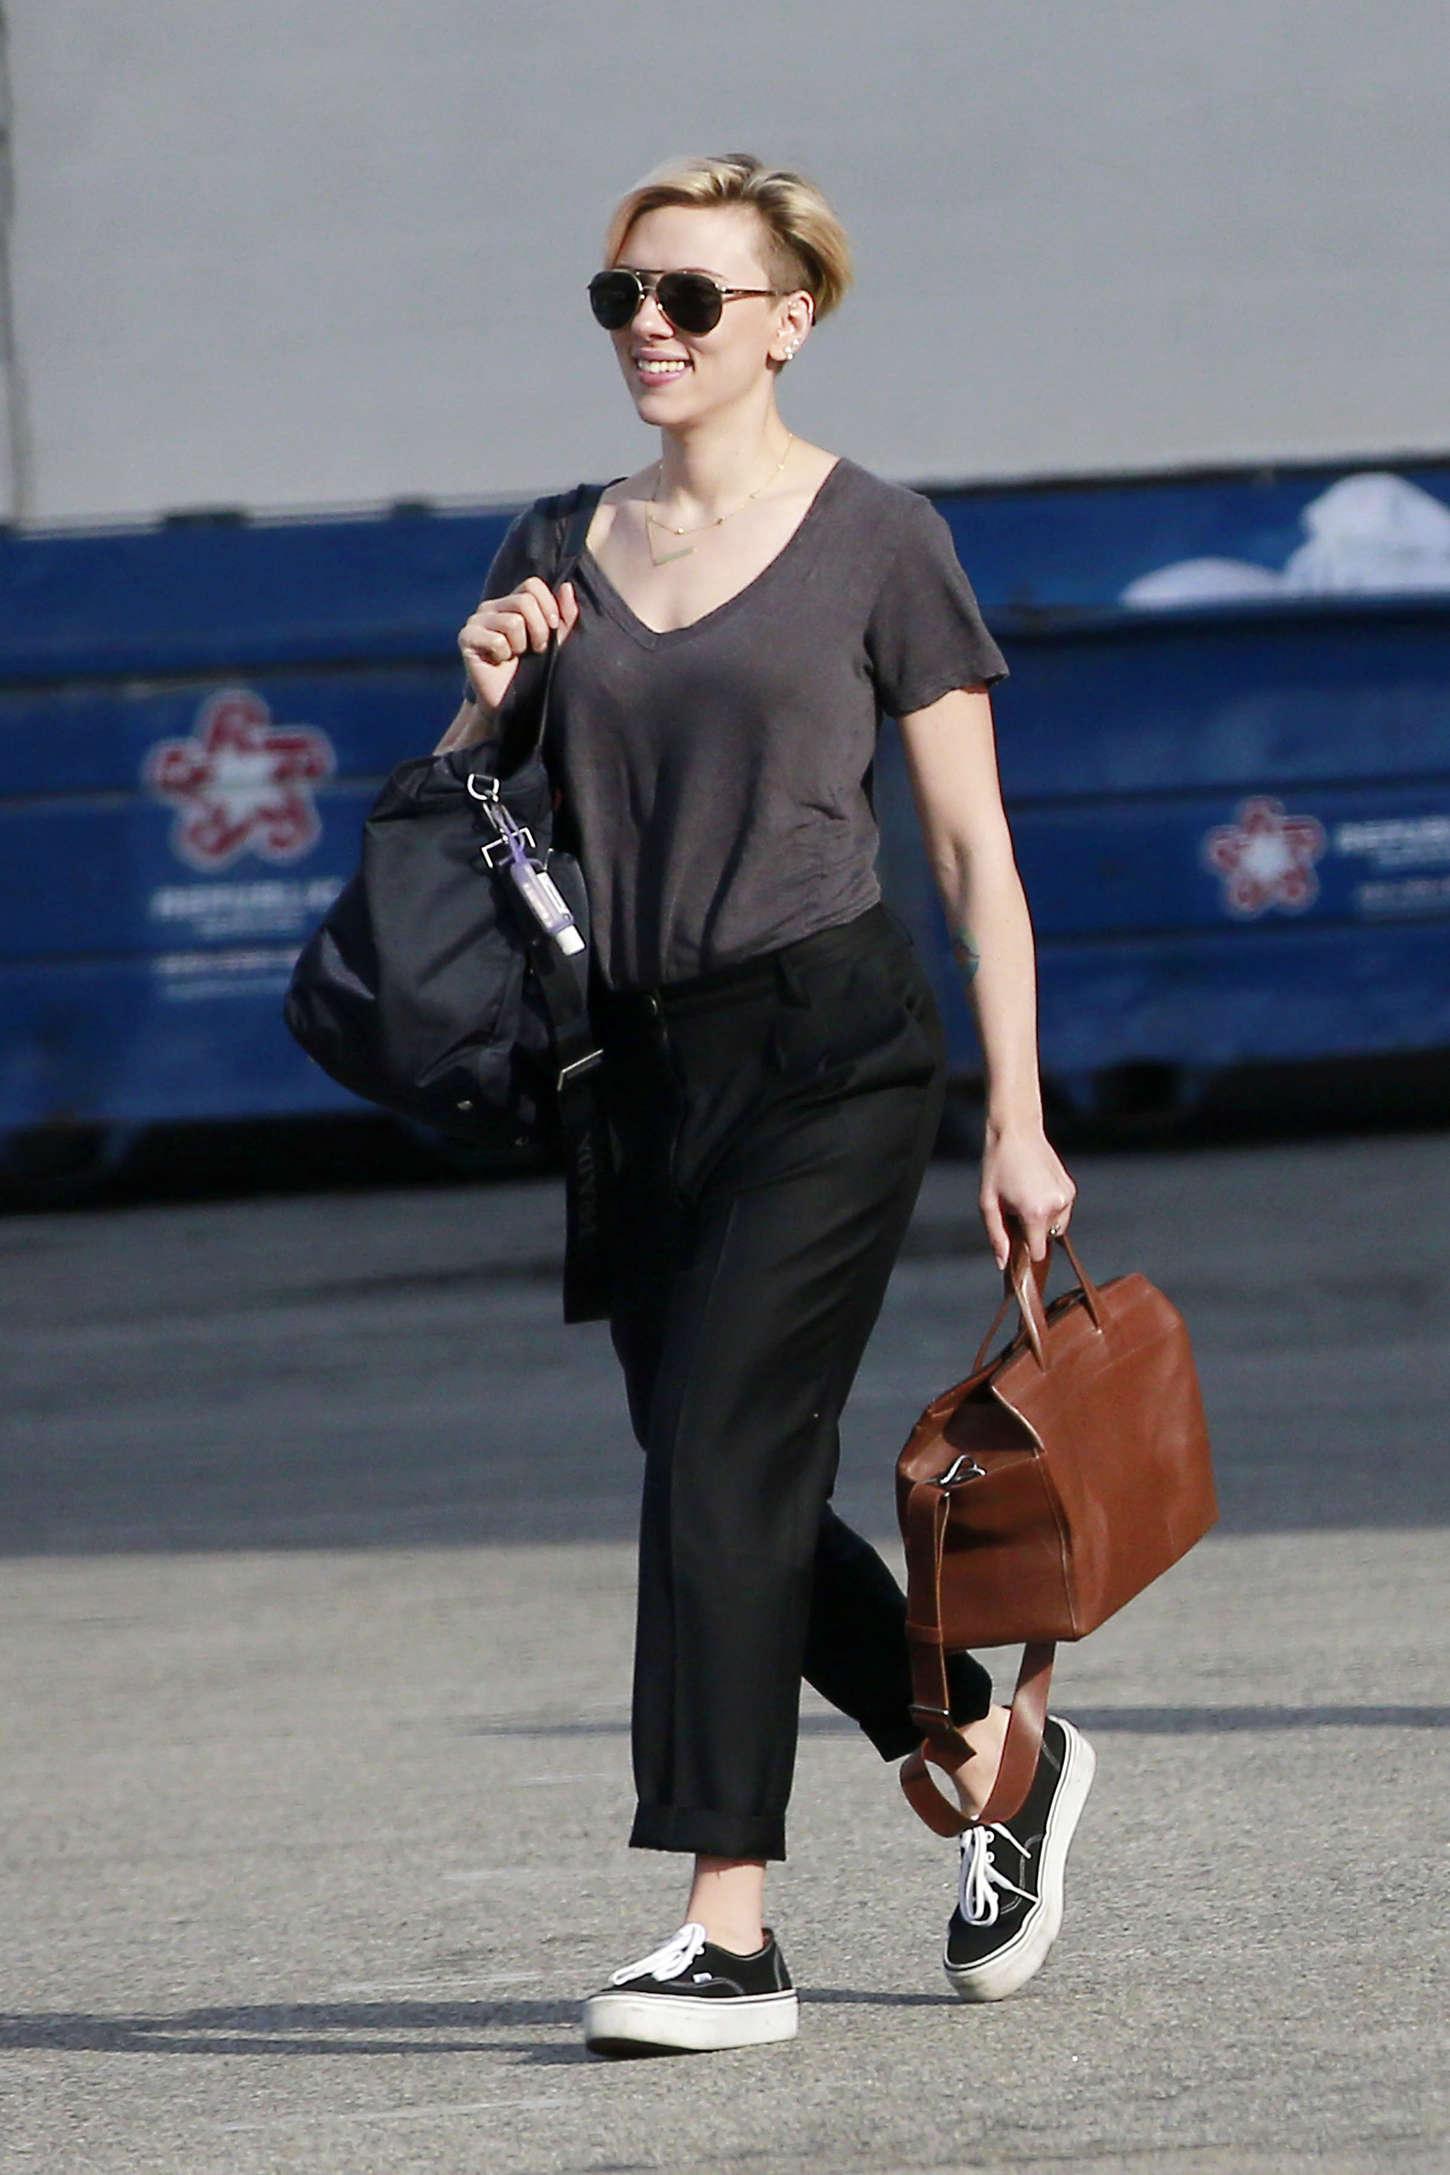 Scarlett Johansson Out In La 06 Gotceleb